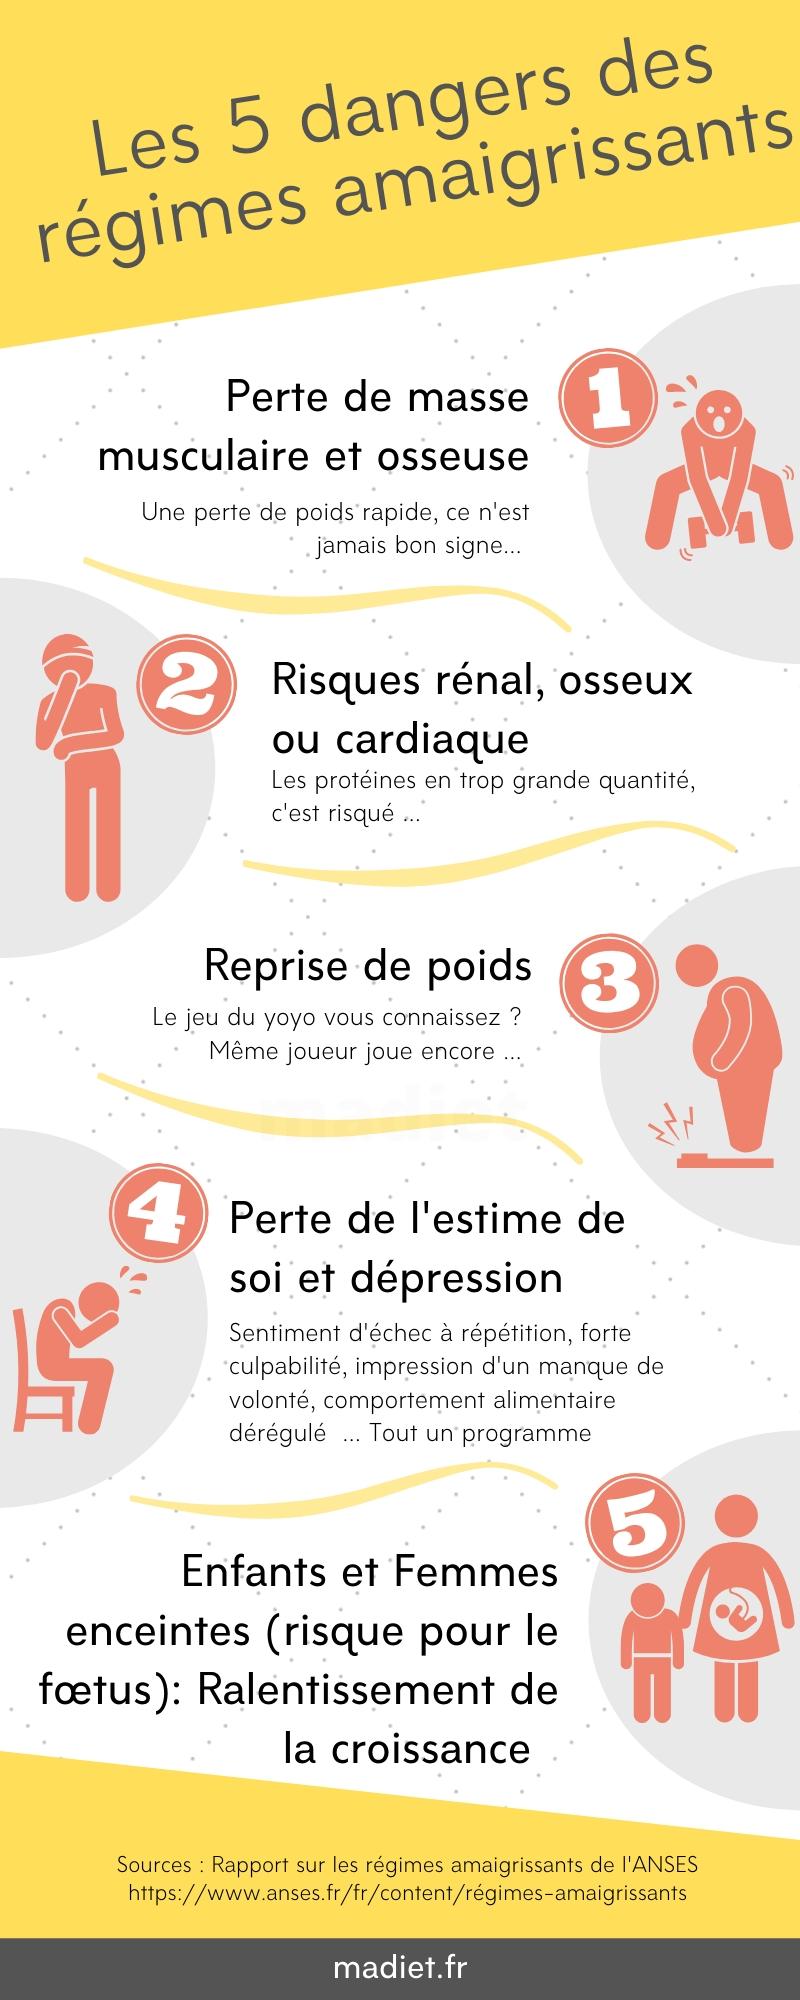 Infographie : Dangers des régimes amaigrissants